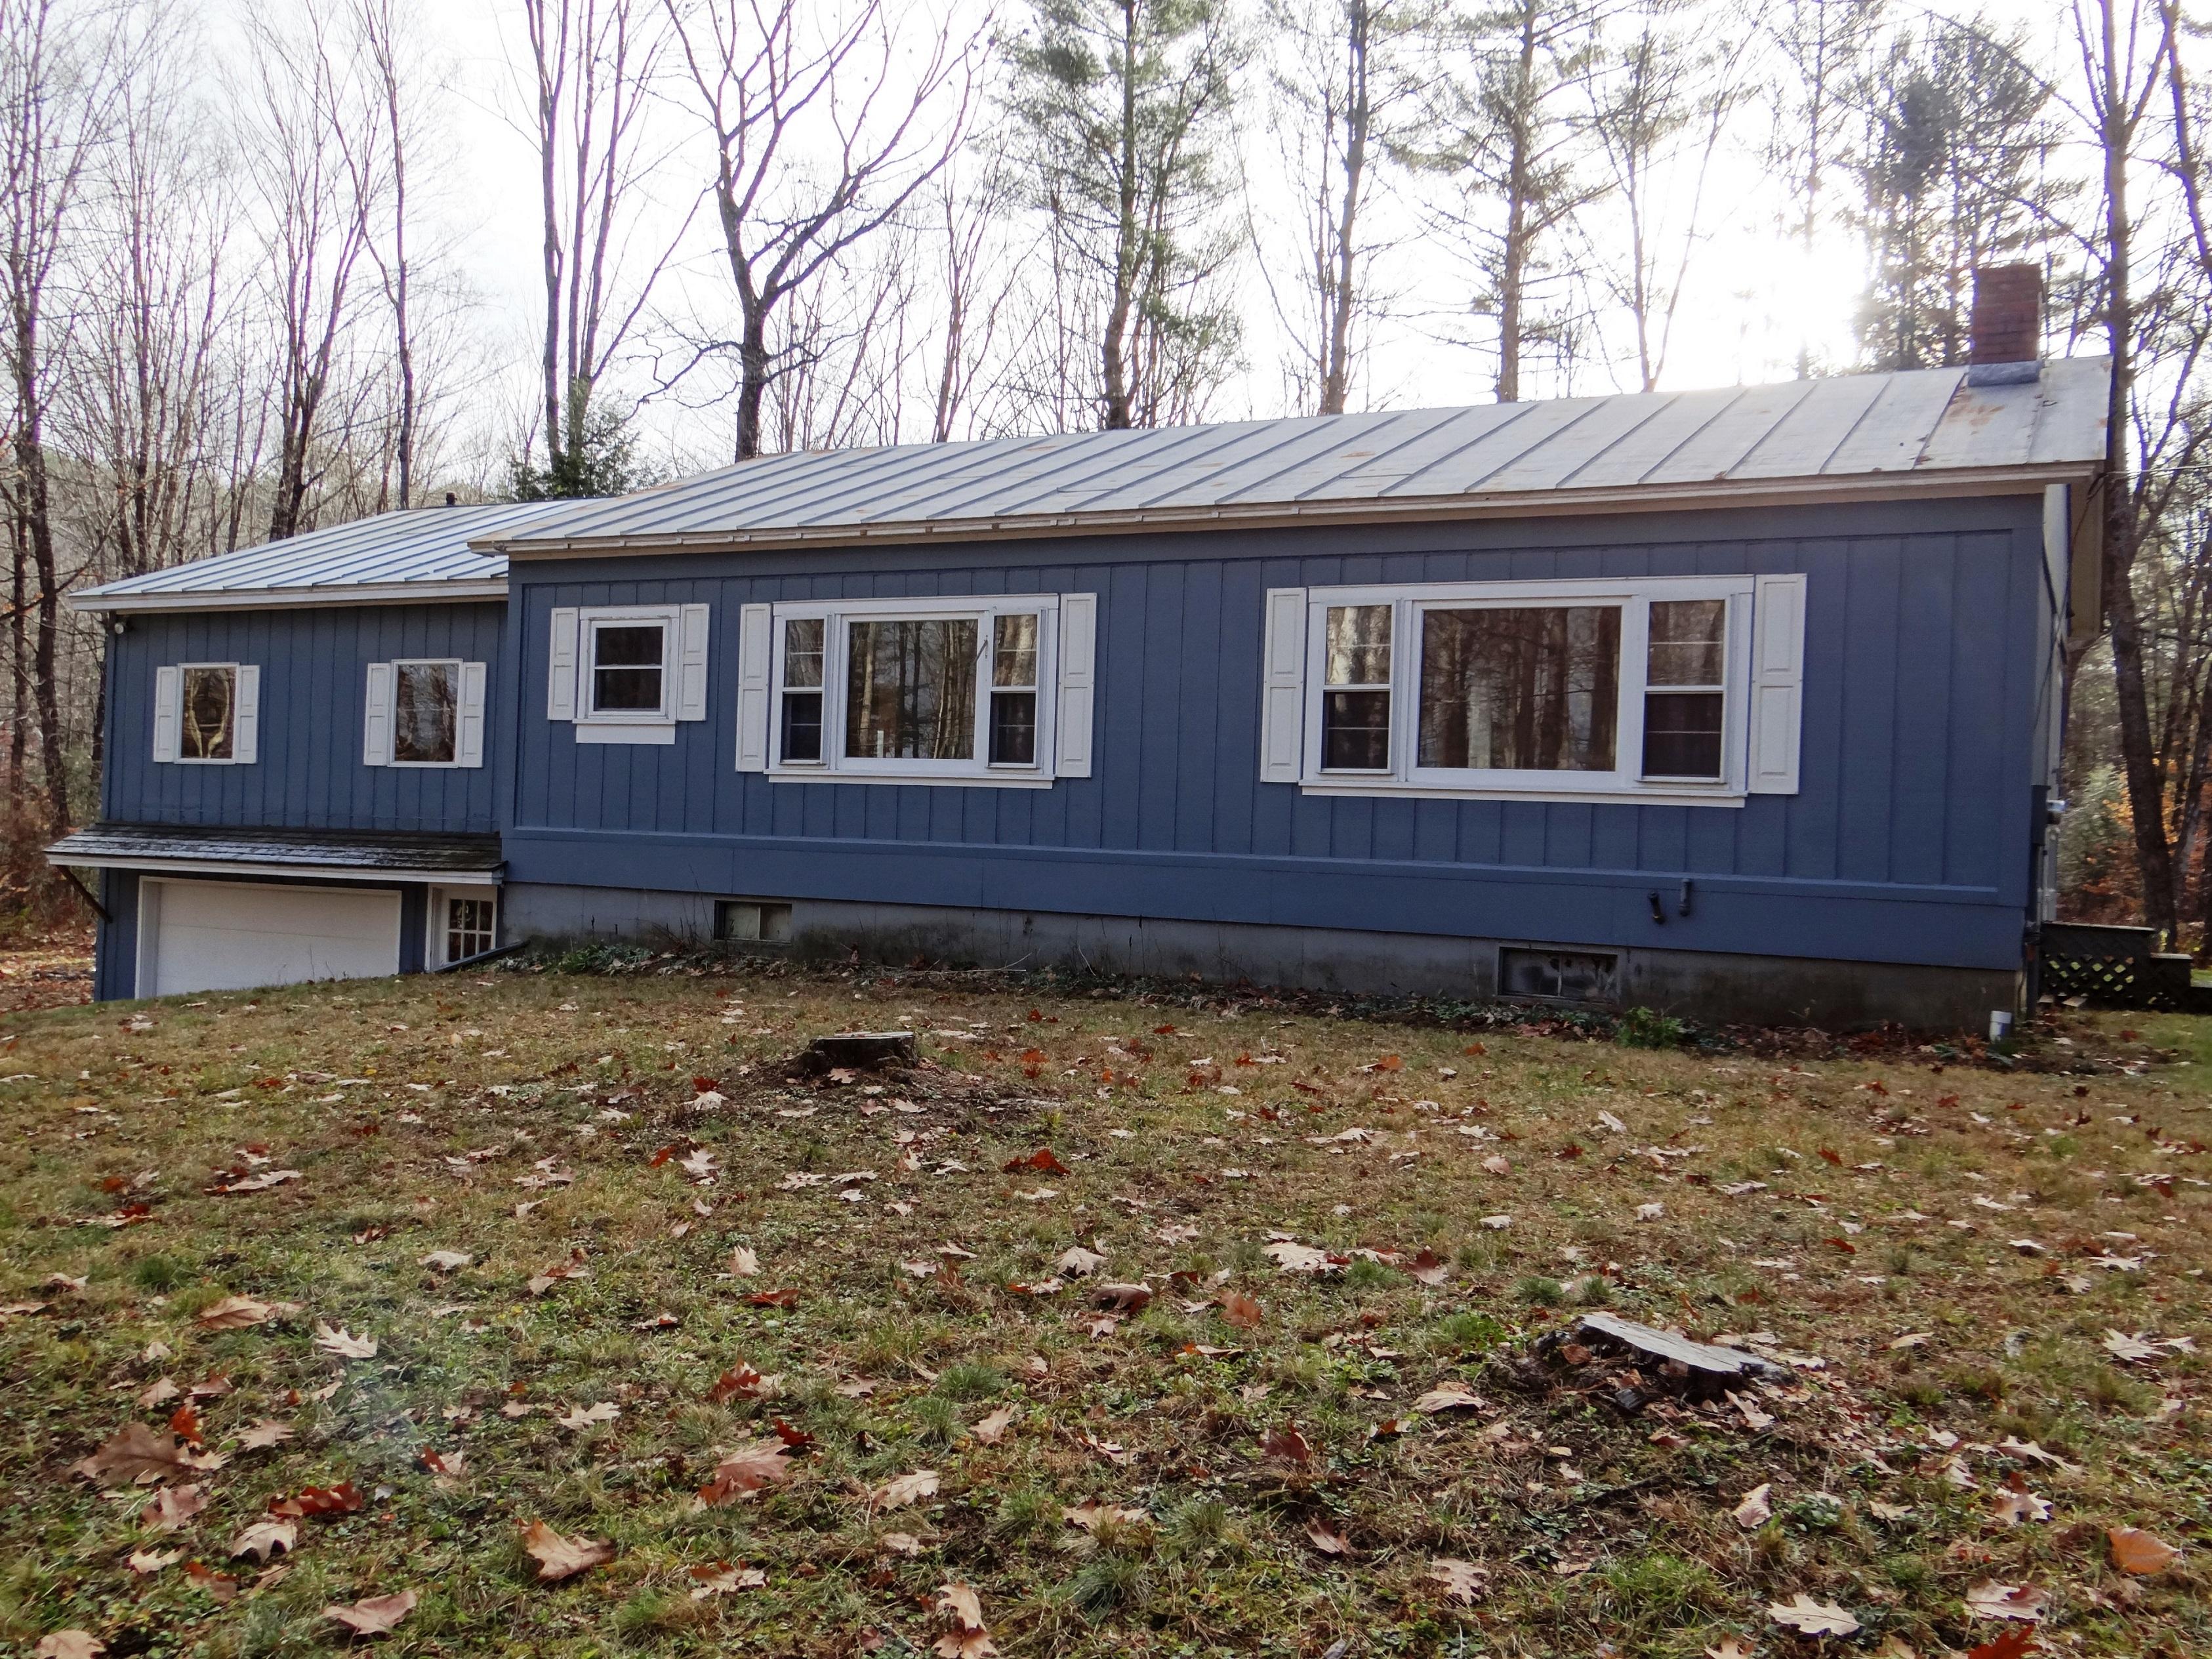 Частный односемейный дом для того Продажа на 2065 Old Quechee Road, Hartford 2065 Old Quechee Rd Hartford, Вермонт, 05001 Соединенные Штаты